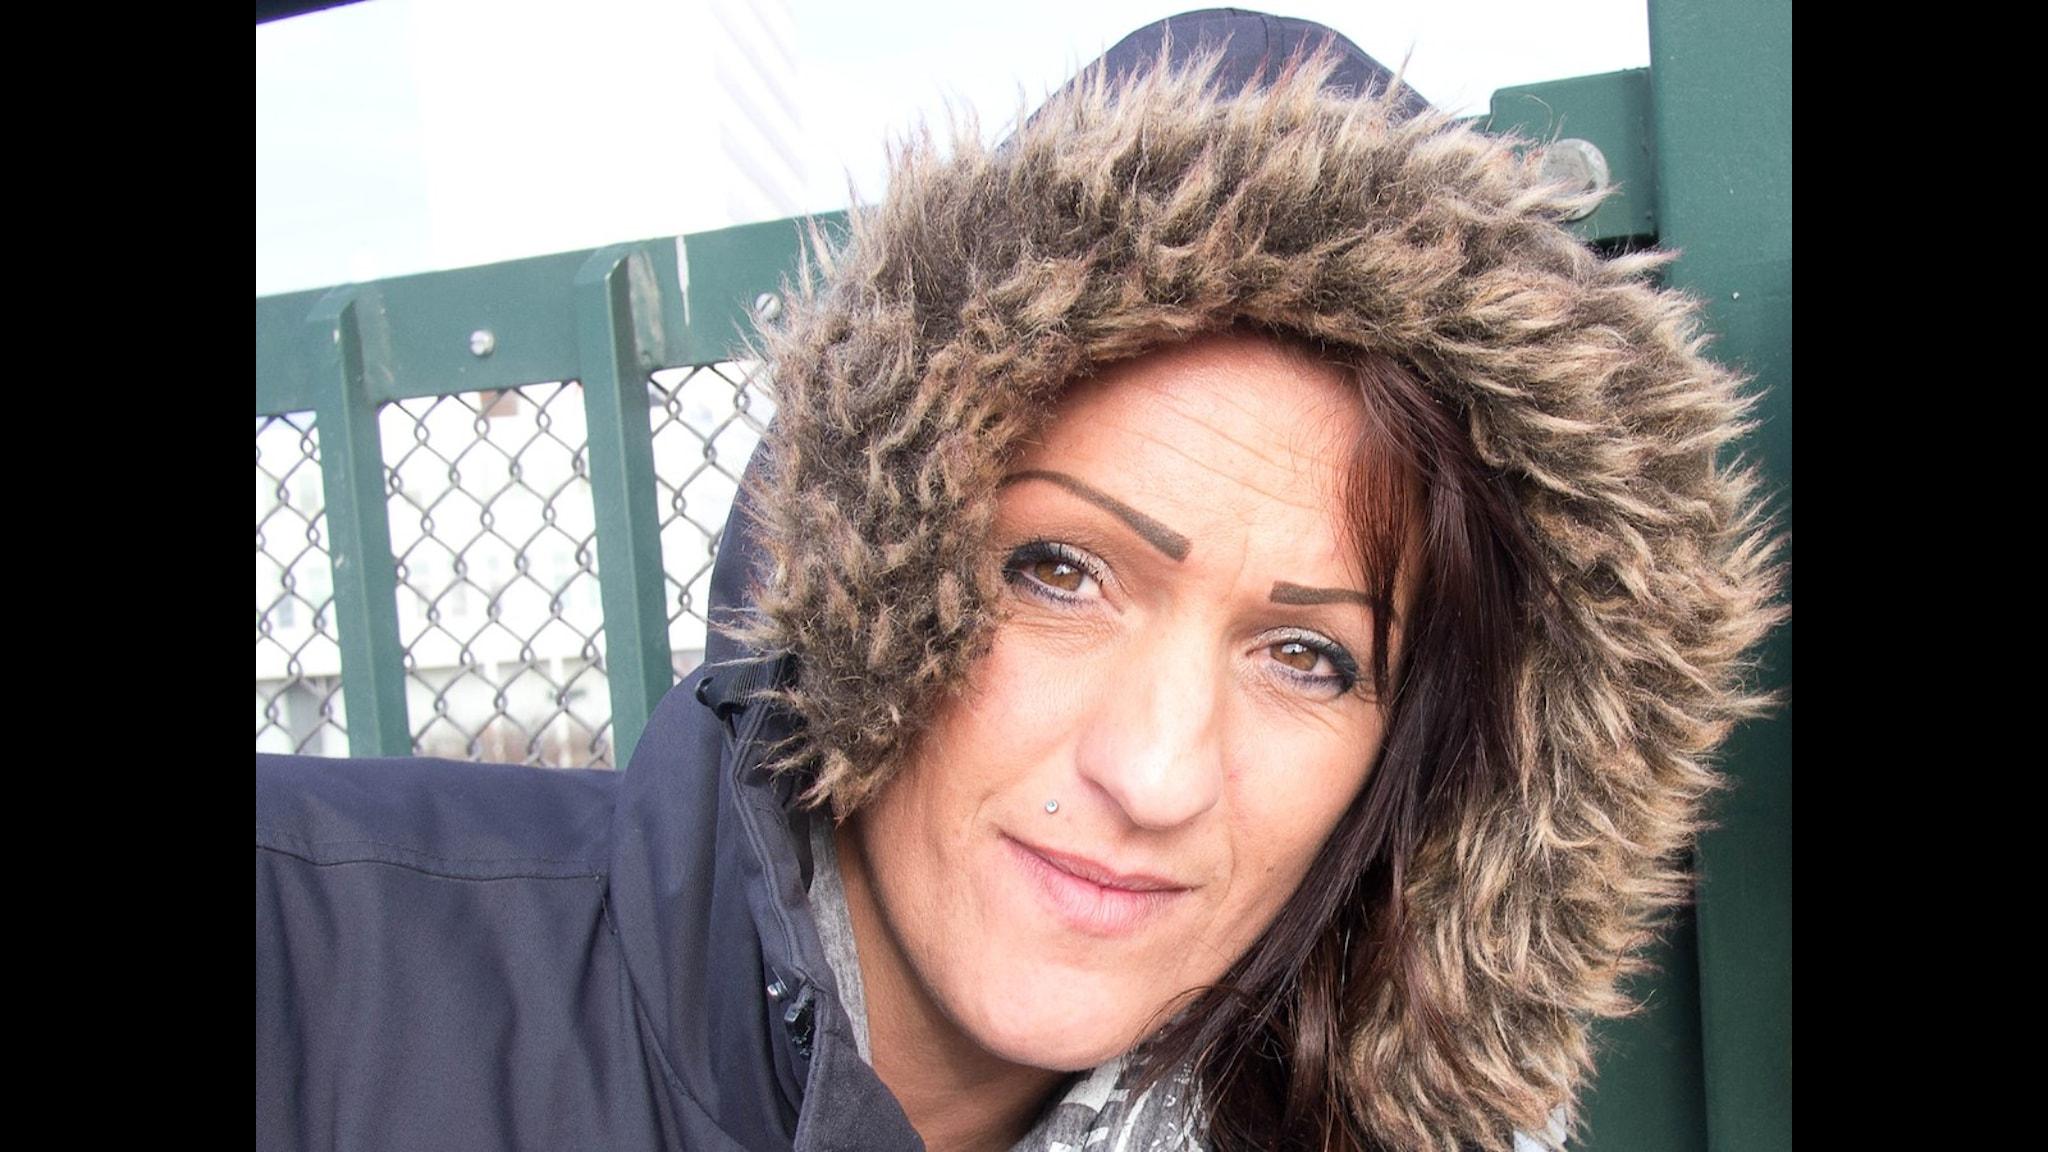 Melita Rexhepi, Dangoules bästa vän vid mortorvägsbron där hon tog sitt liv. Foto: Emma Janke